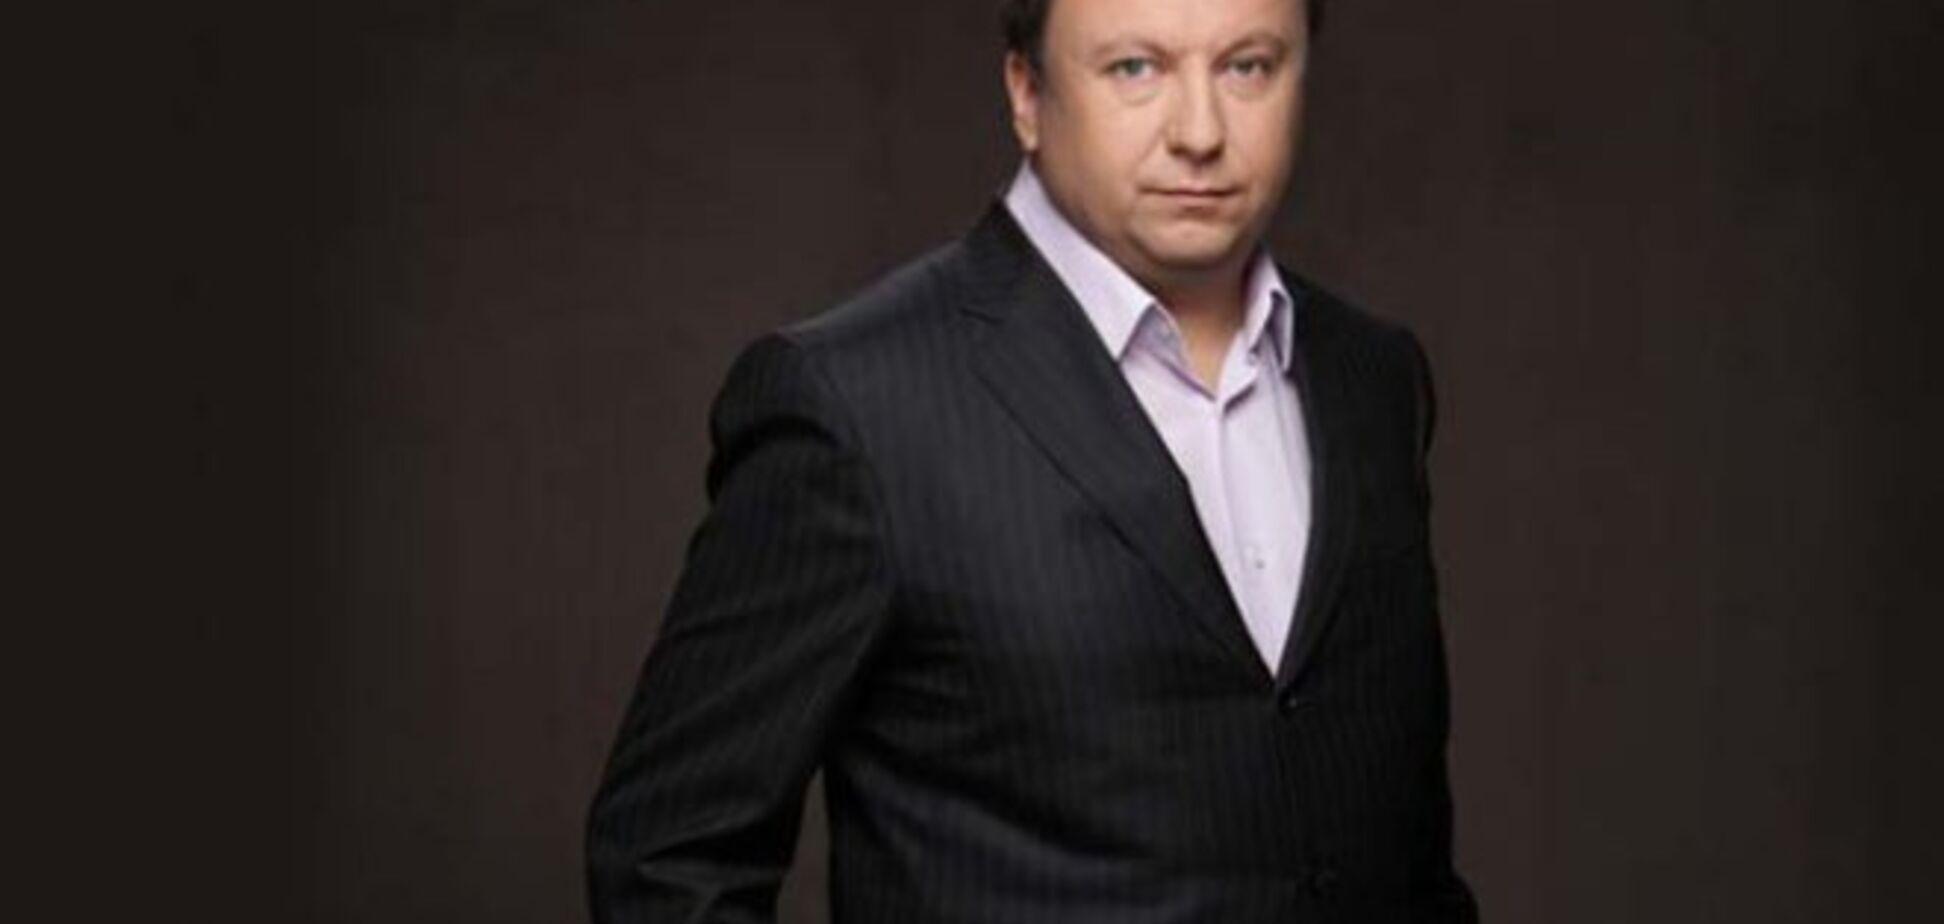 Депутат Княжицкий назвал Путина зомбо-бандеровцем